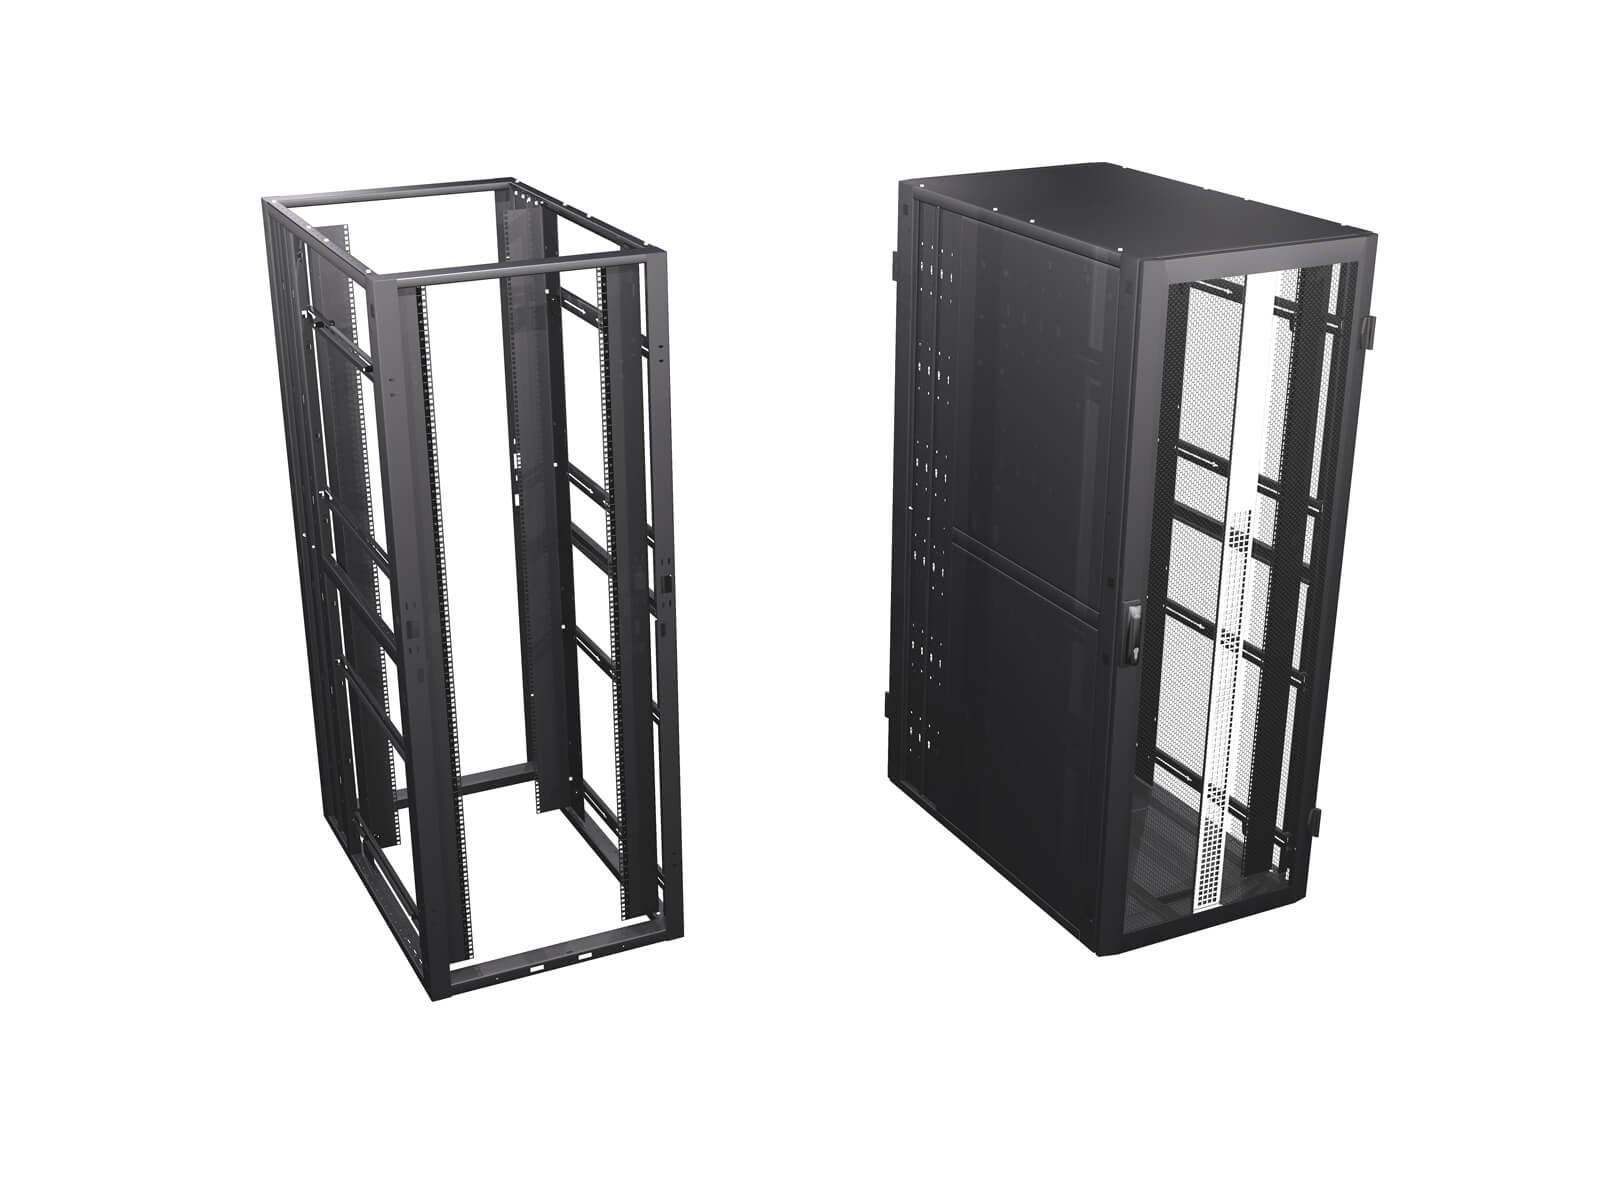 server racks for data centers